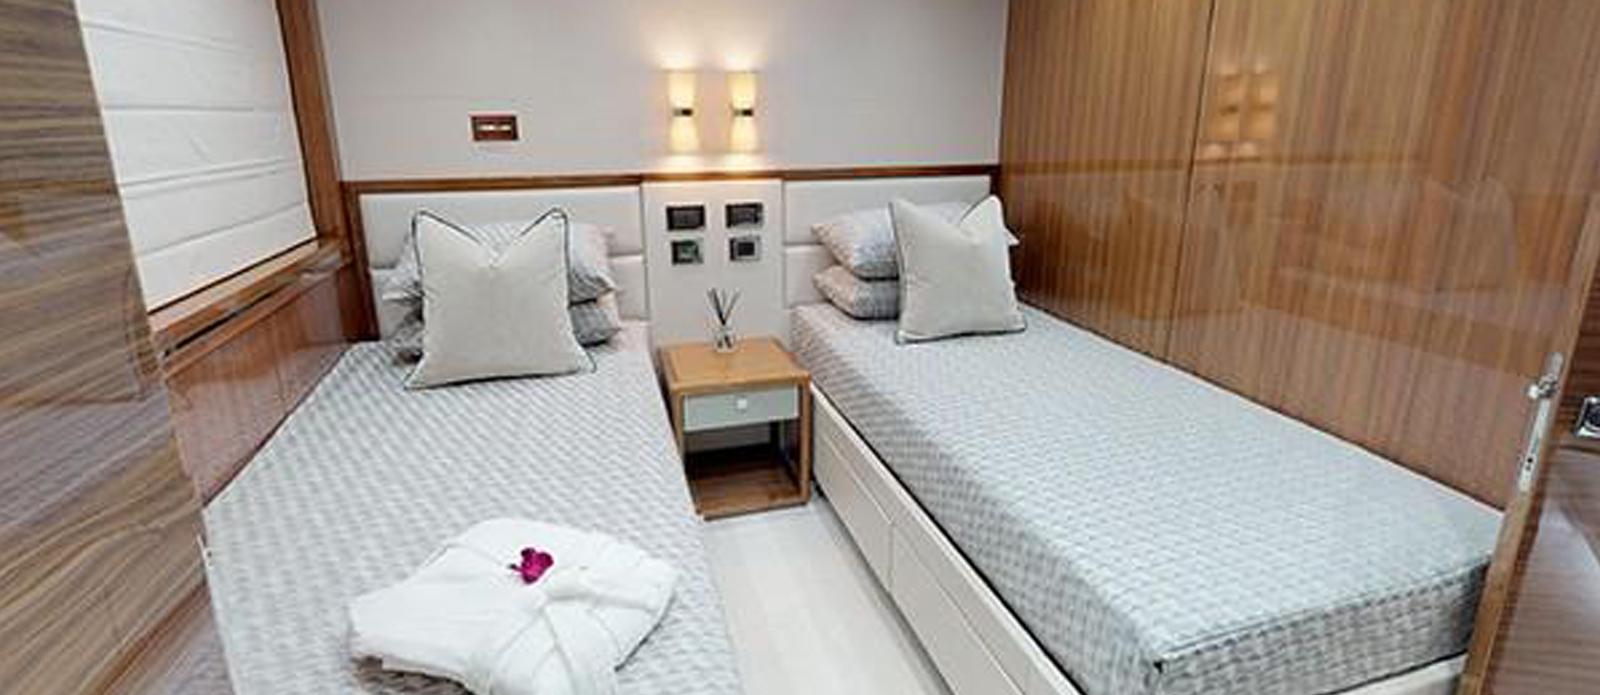 Sunseeker-116-Sport-Yacht-Priceless-8